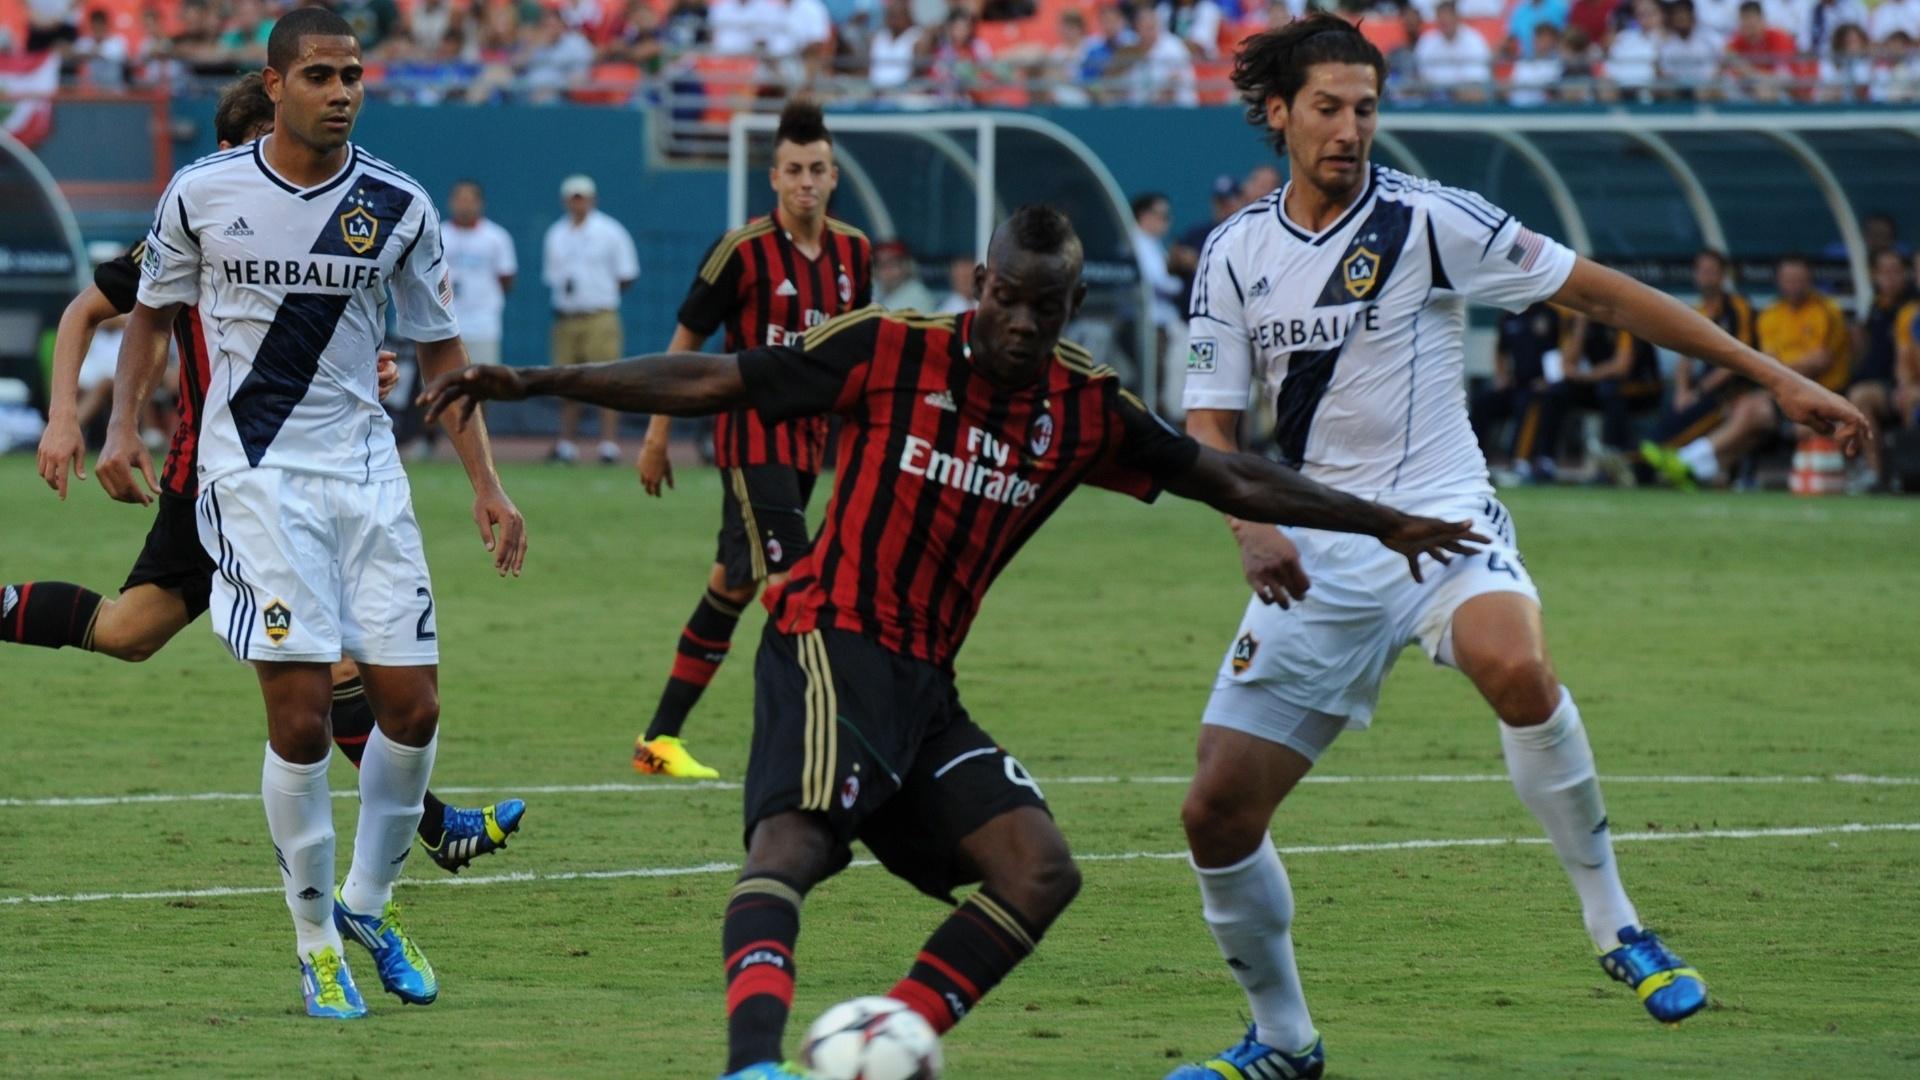 07-08-2013 - Balotelli marcou o primeiro gol do Milan contra o L.A. Galaxy